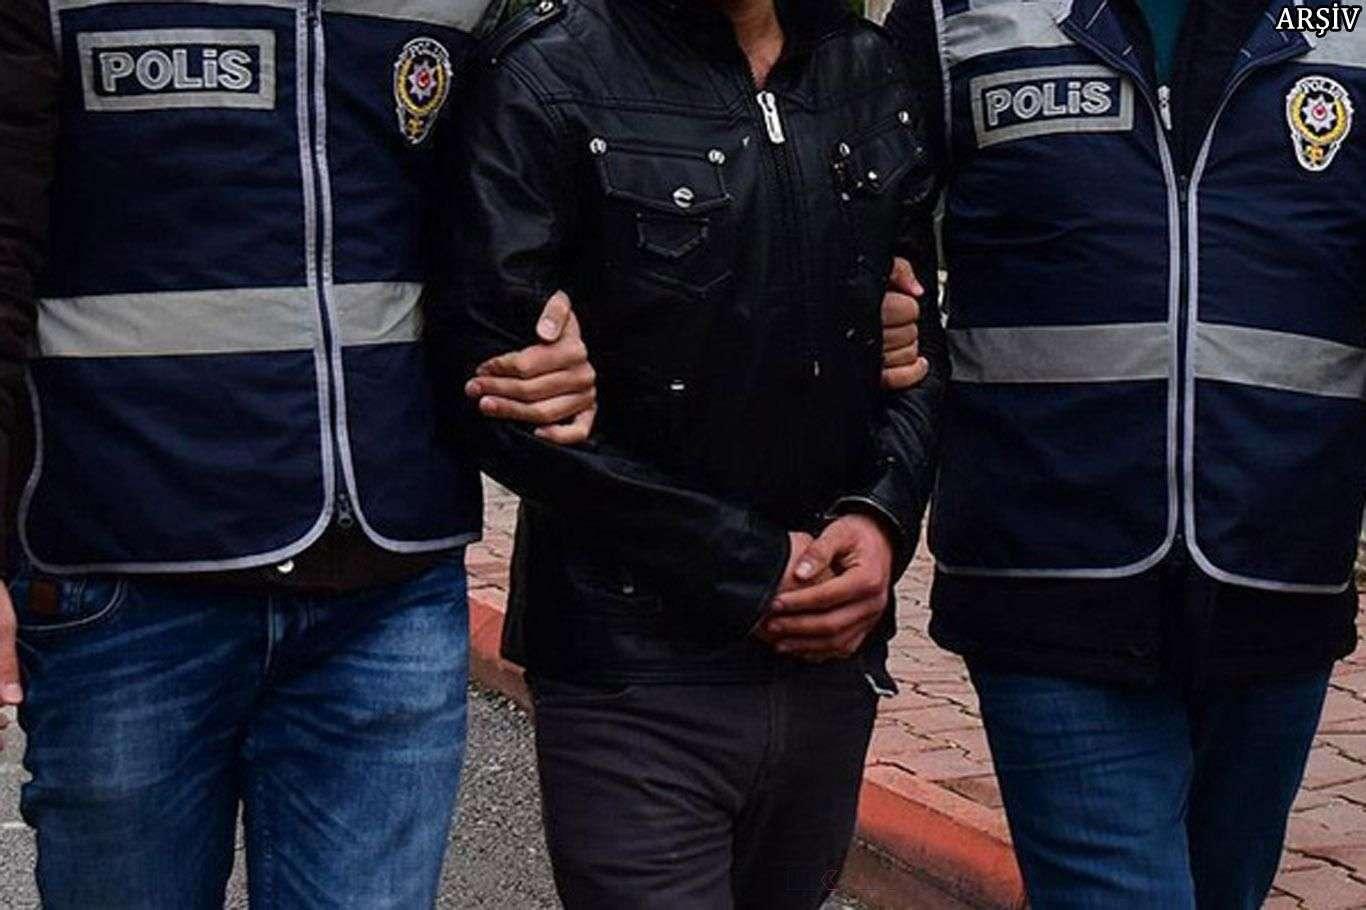 Siirt'te 2 kişiyi bıçaklayan şahıs tutuklandı